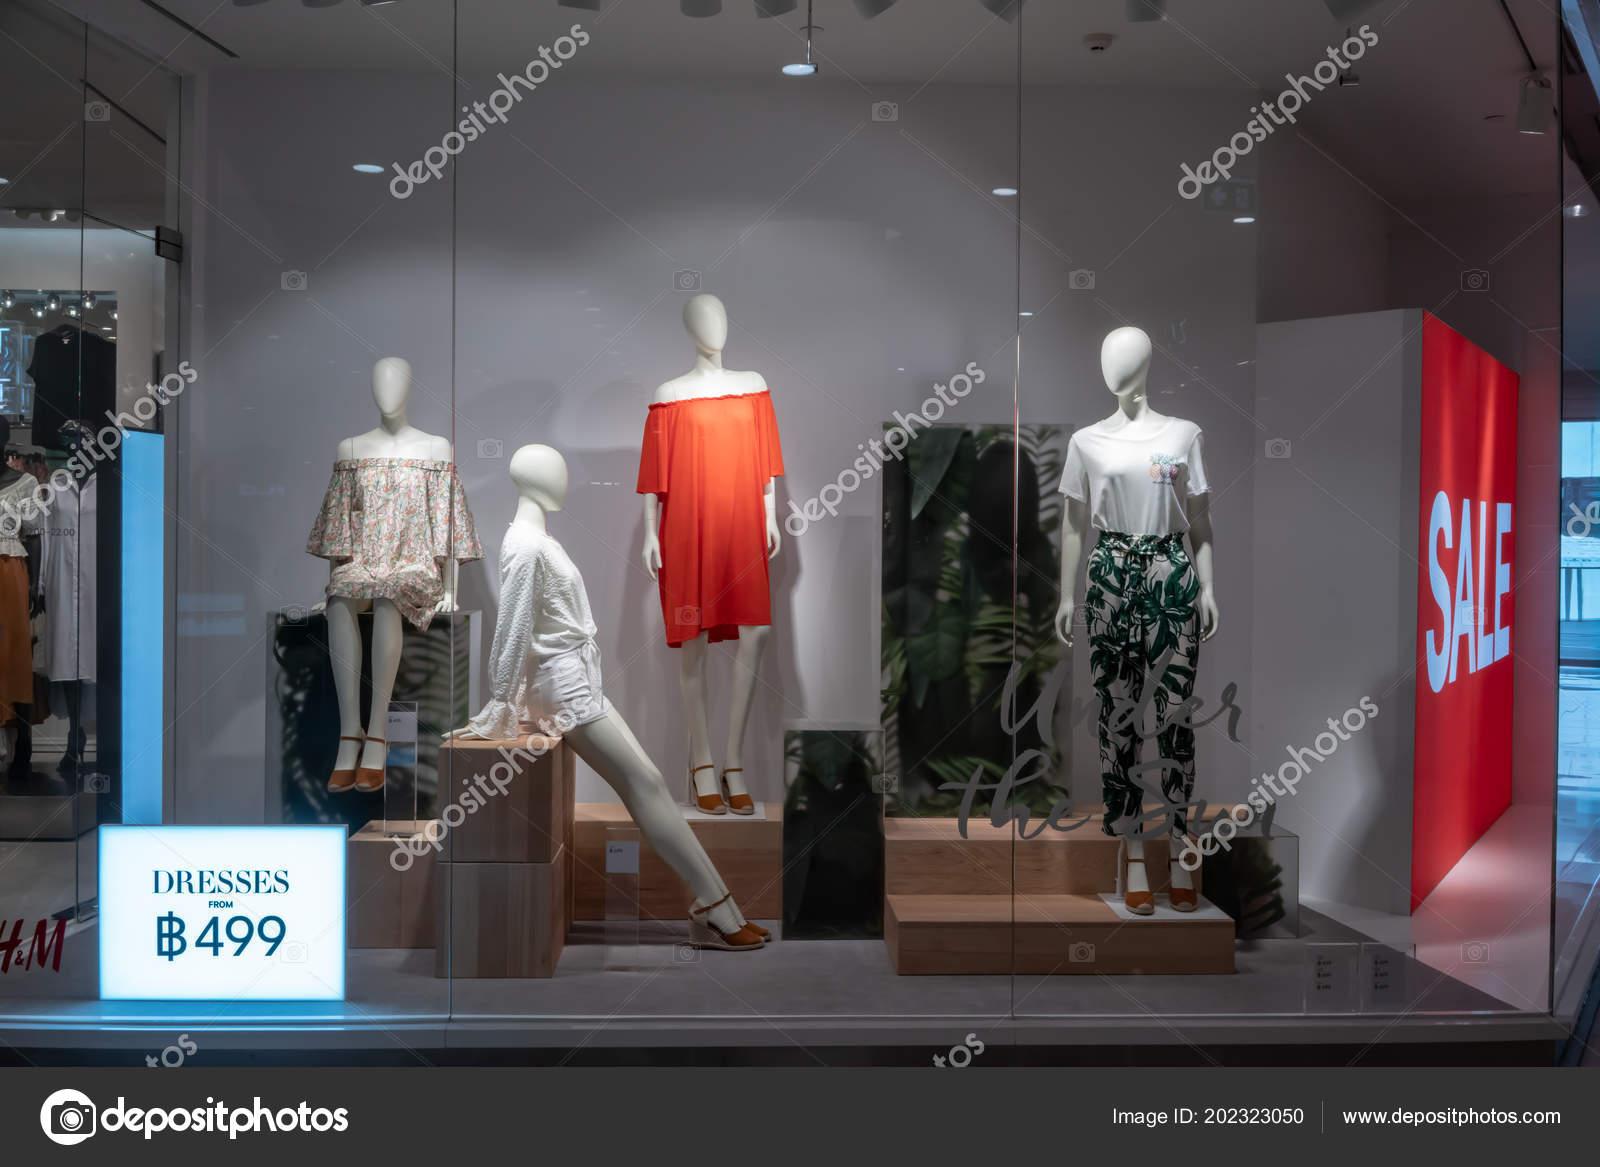 8788a87fc7d3a depositphotos_202323050-stock-photo-shop-emquatier-bangkok-thailand-jun.jpg